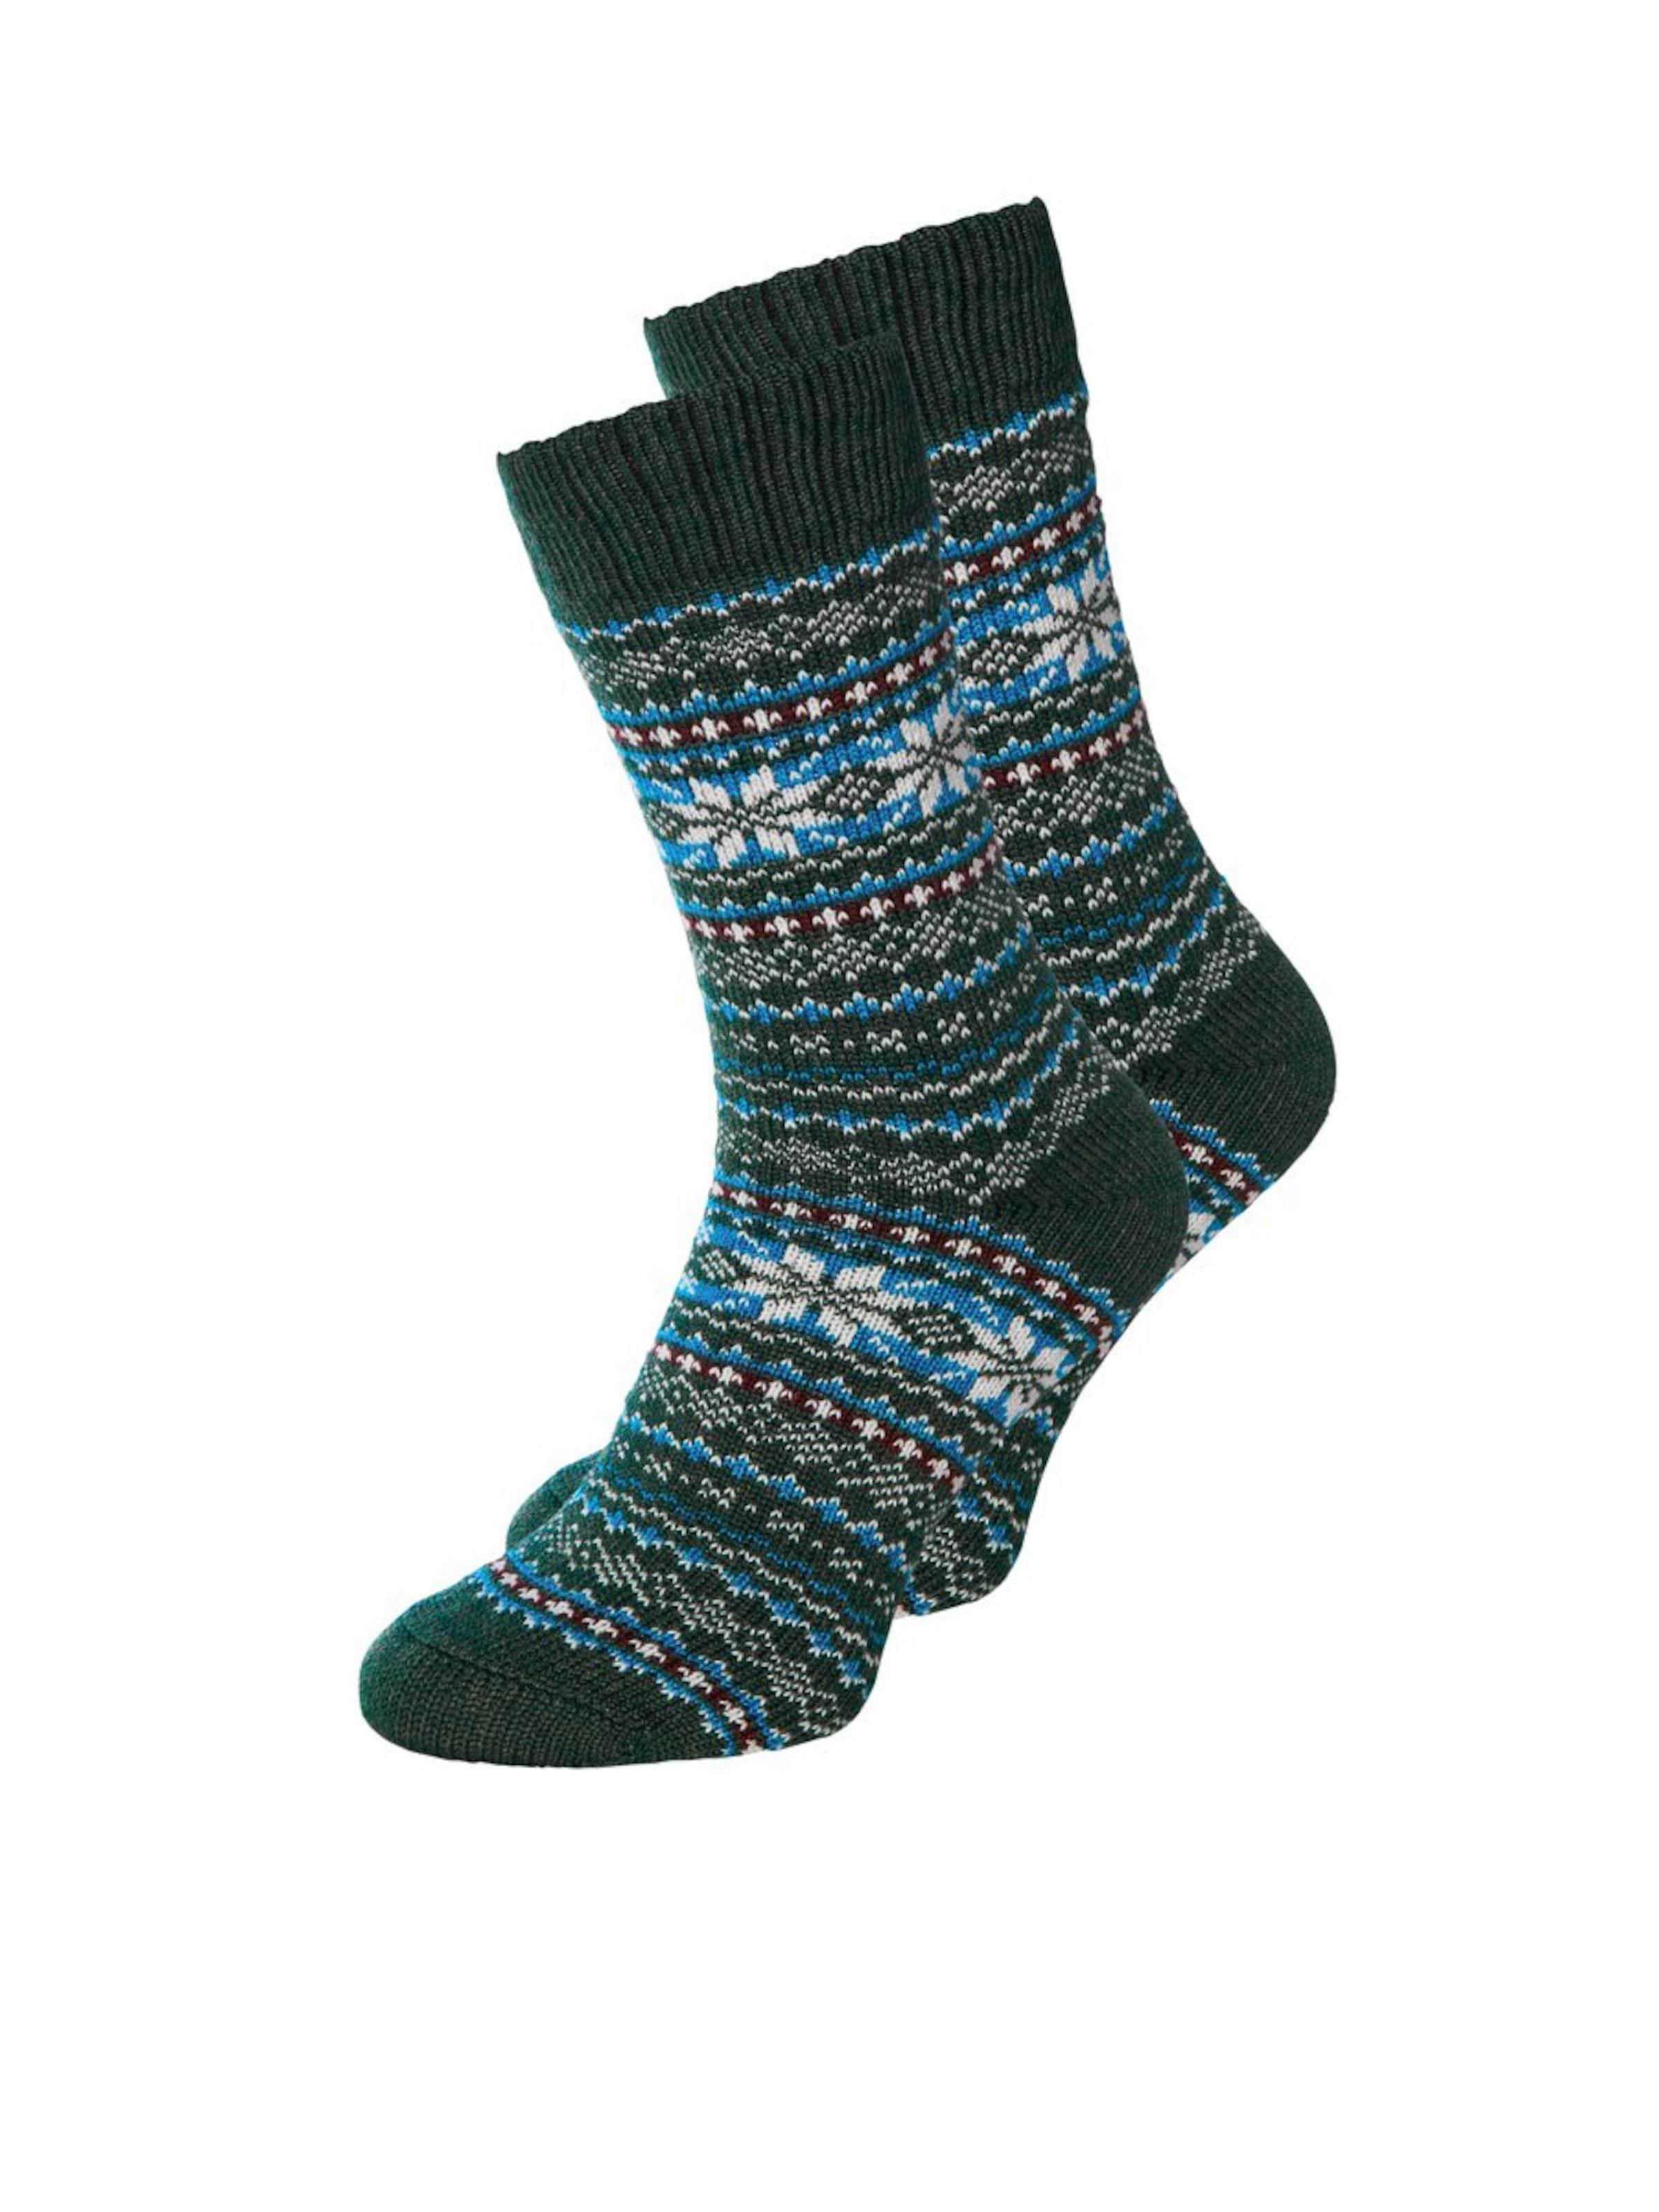 JACK & JONES Socken in blau / dunkelgrün / weiß Norweger-Muster 5714501229901